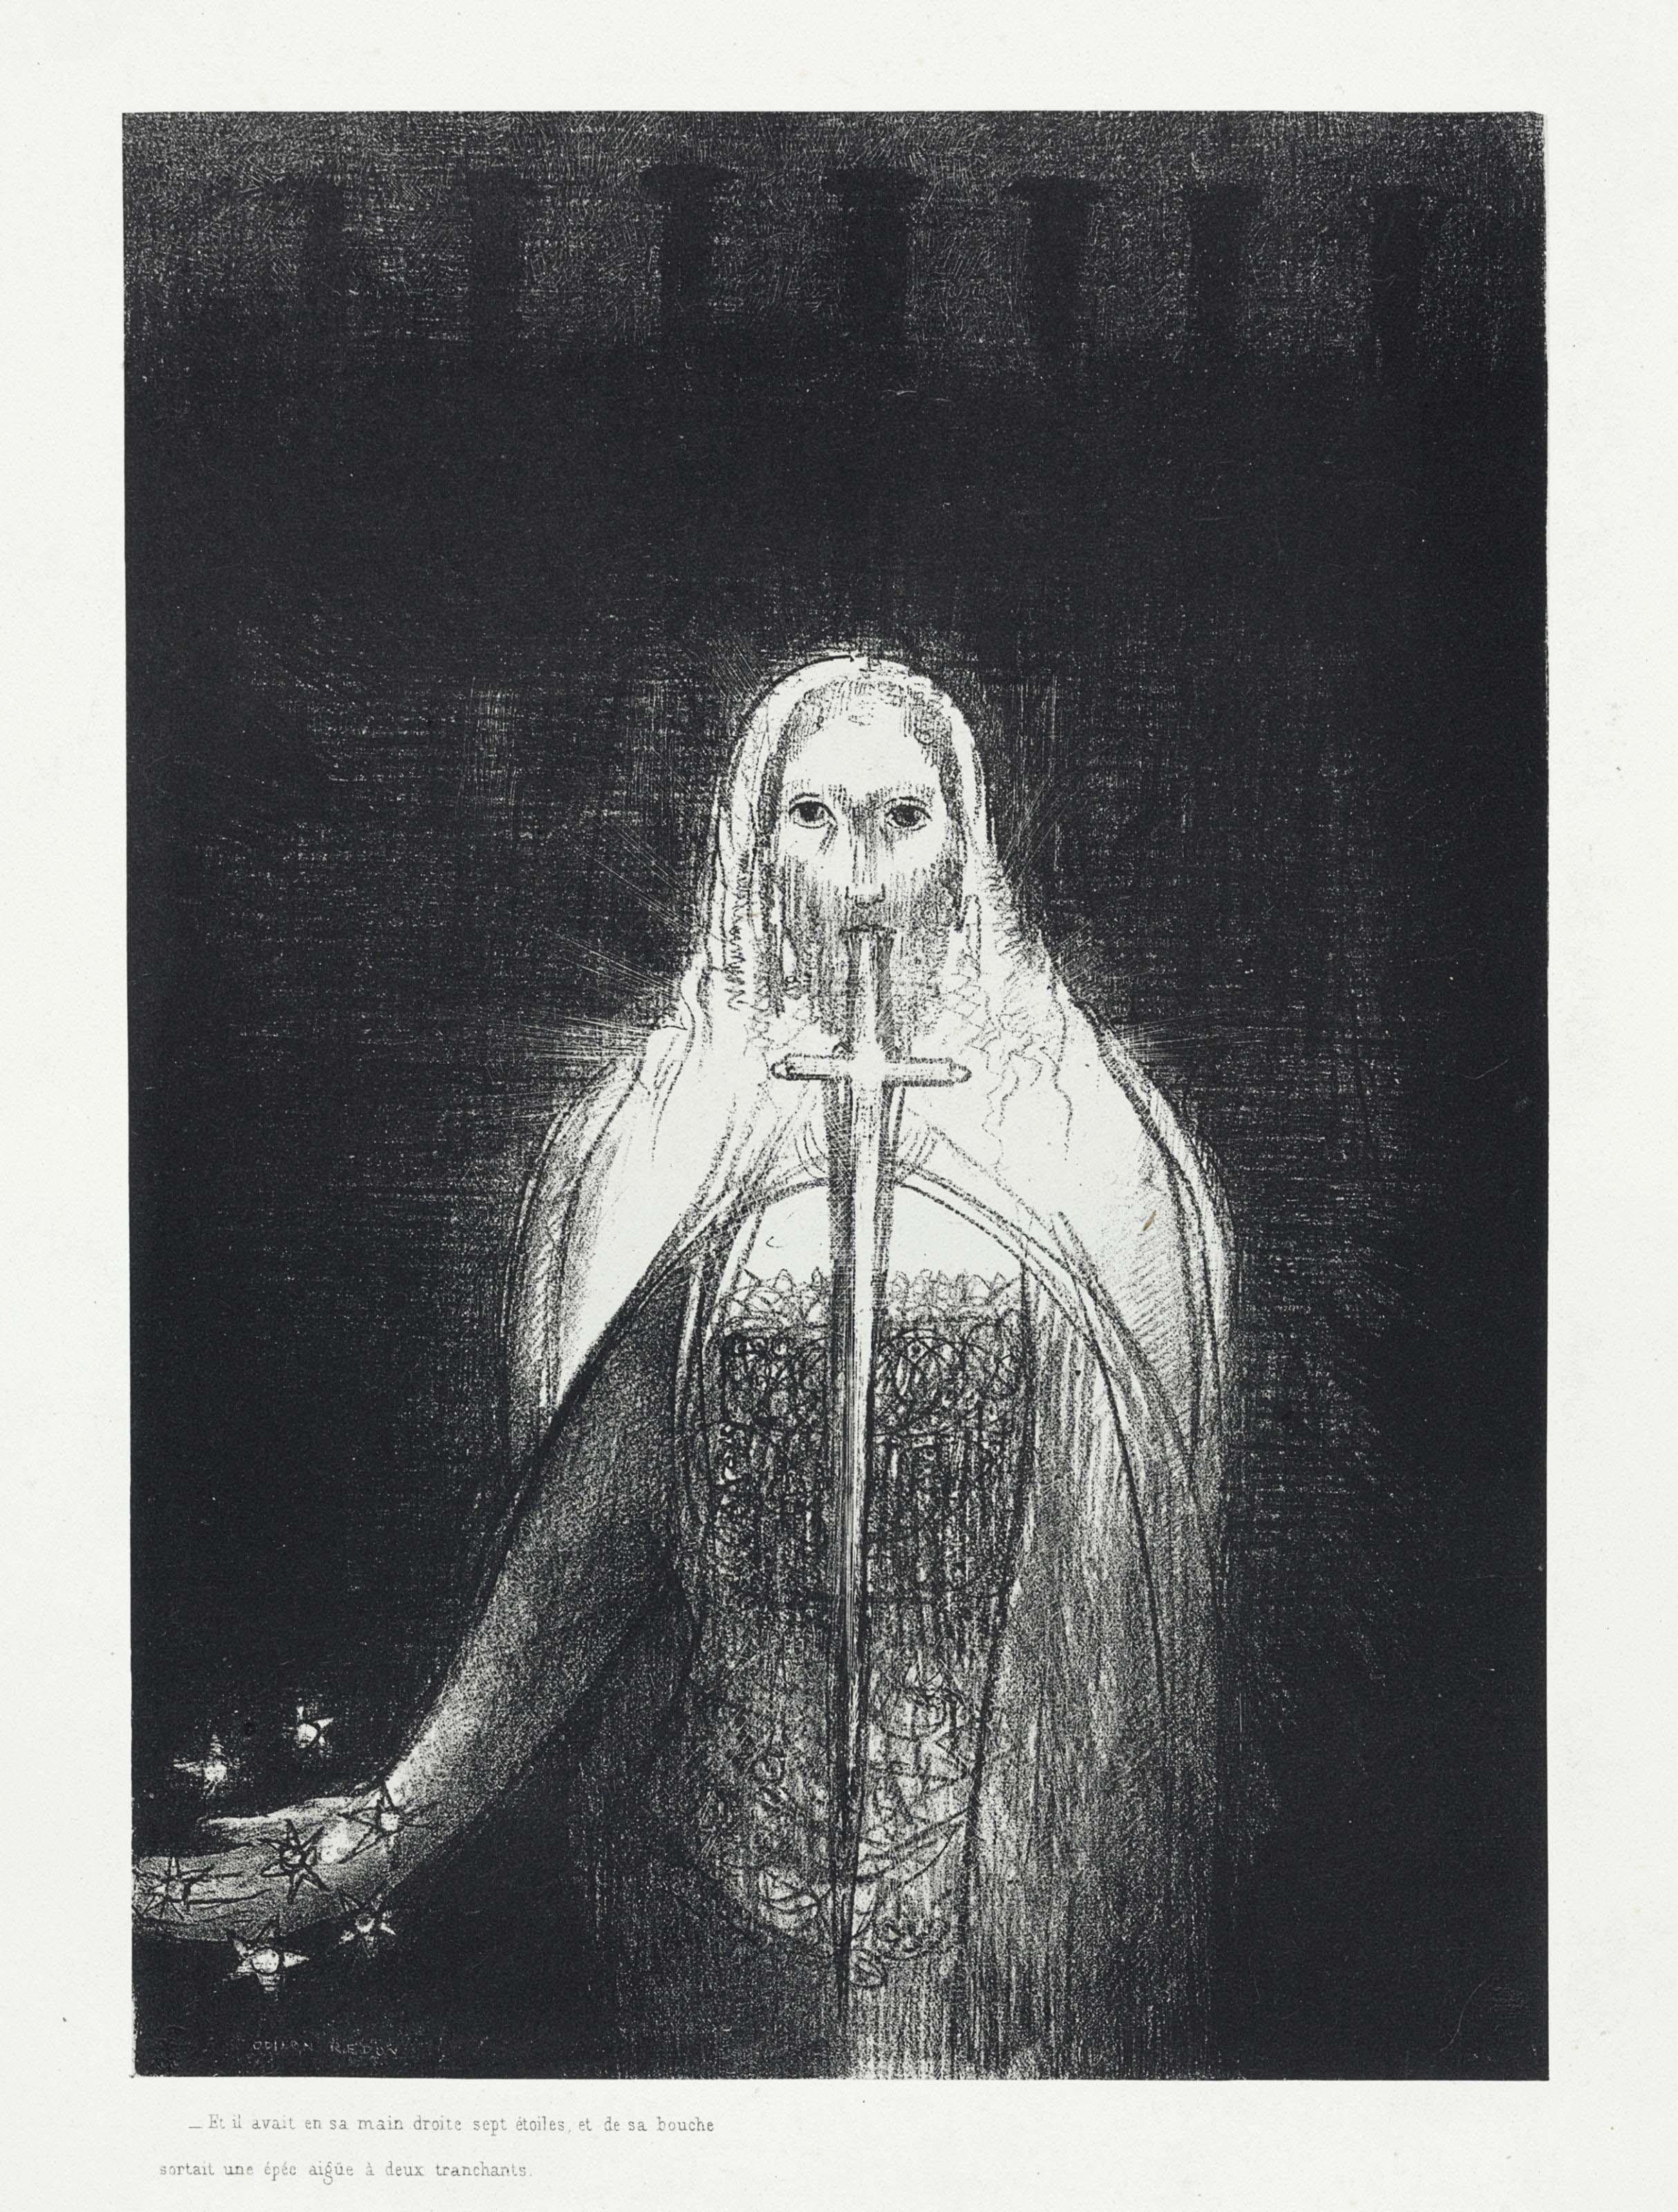 REDON, Odilon (1840-1916)